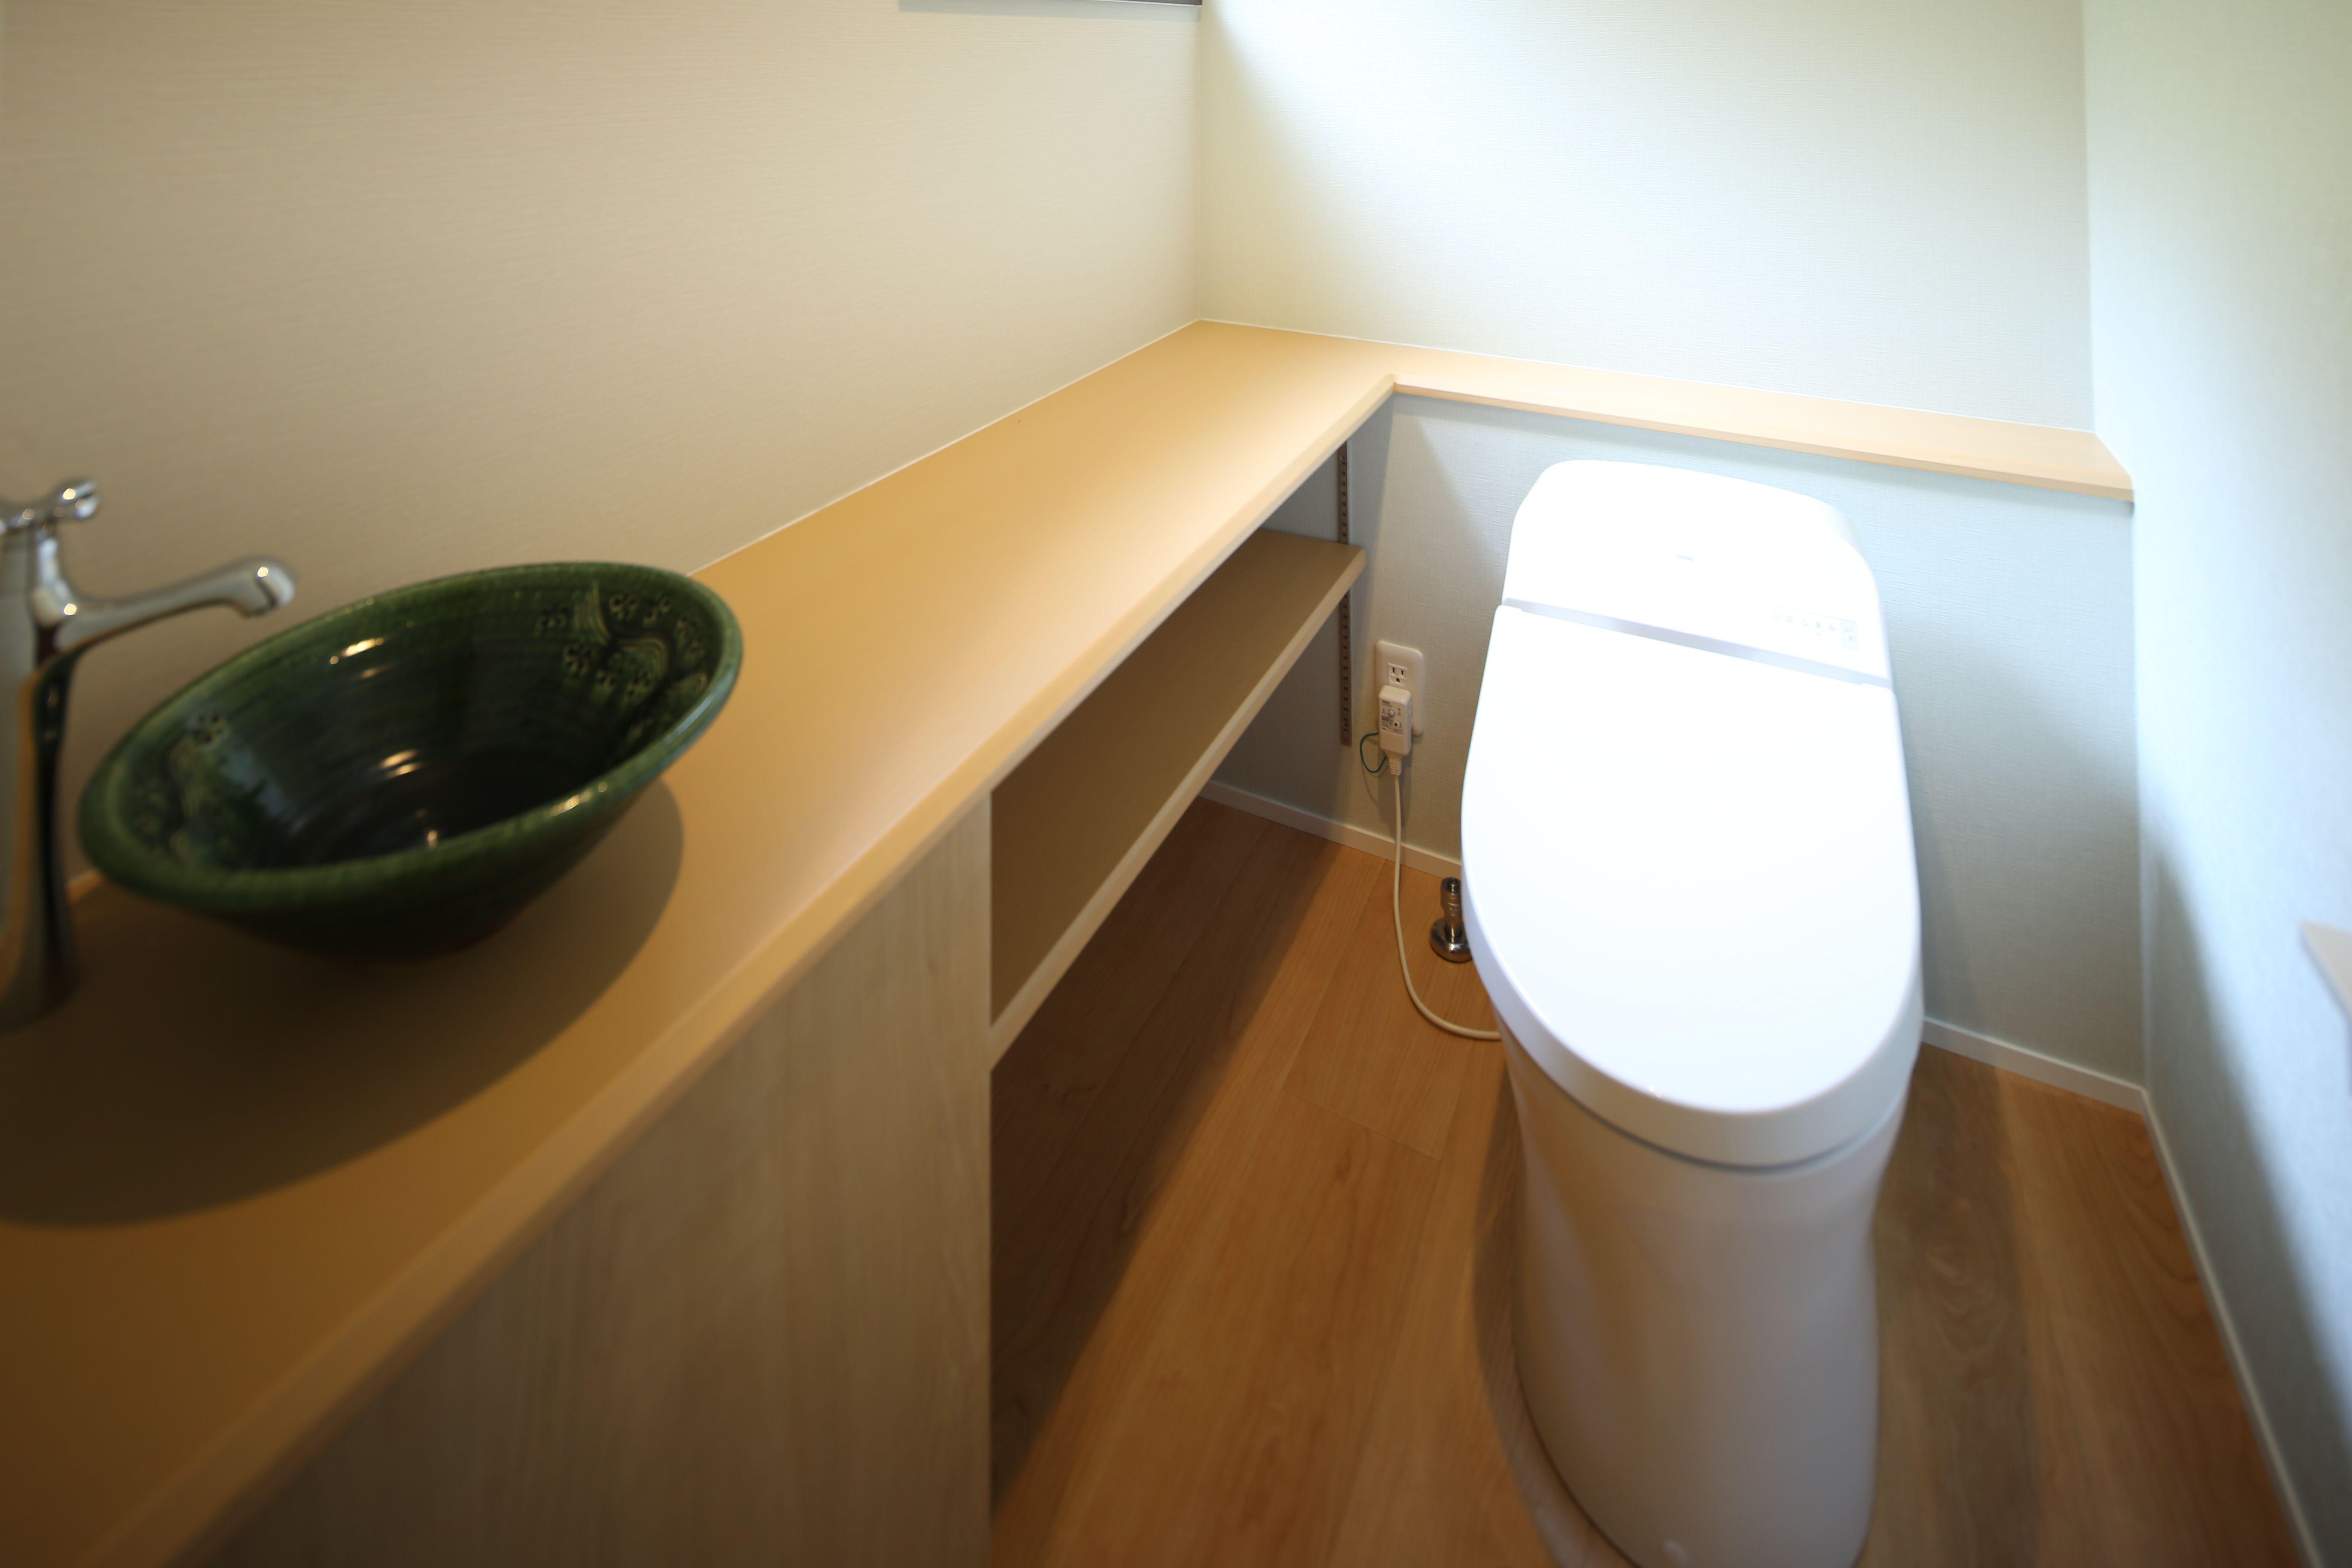 Totoさんのタンクレストイレ 造作の収納棚の上に手洗い陶器と水栓 を